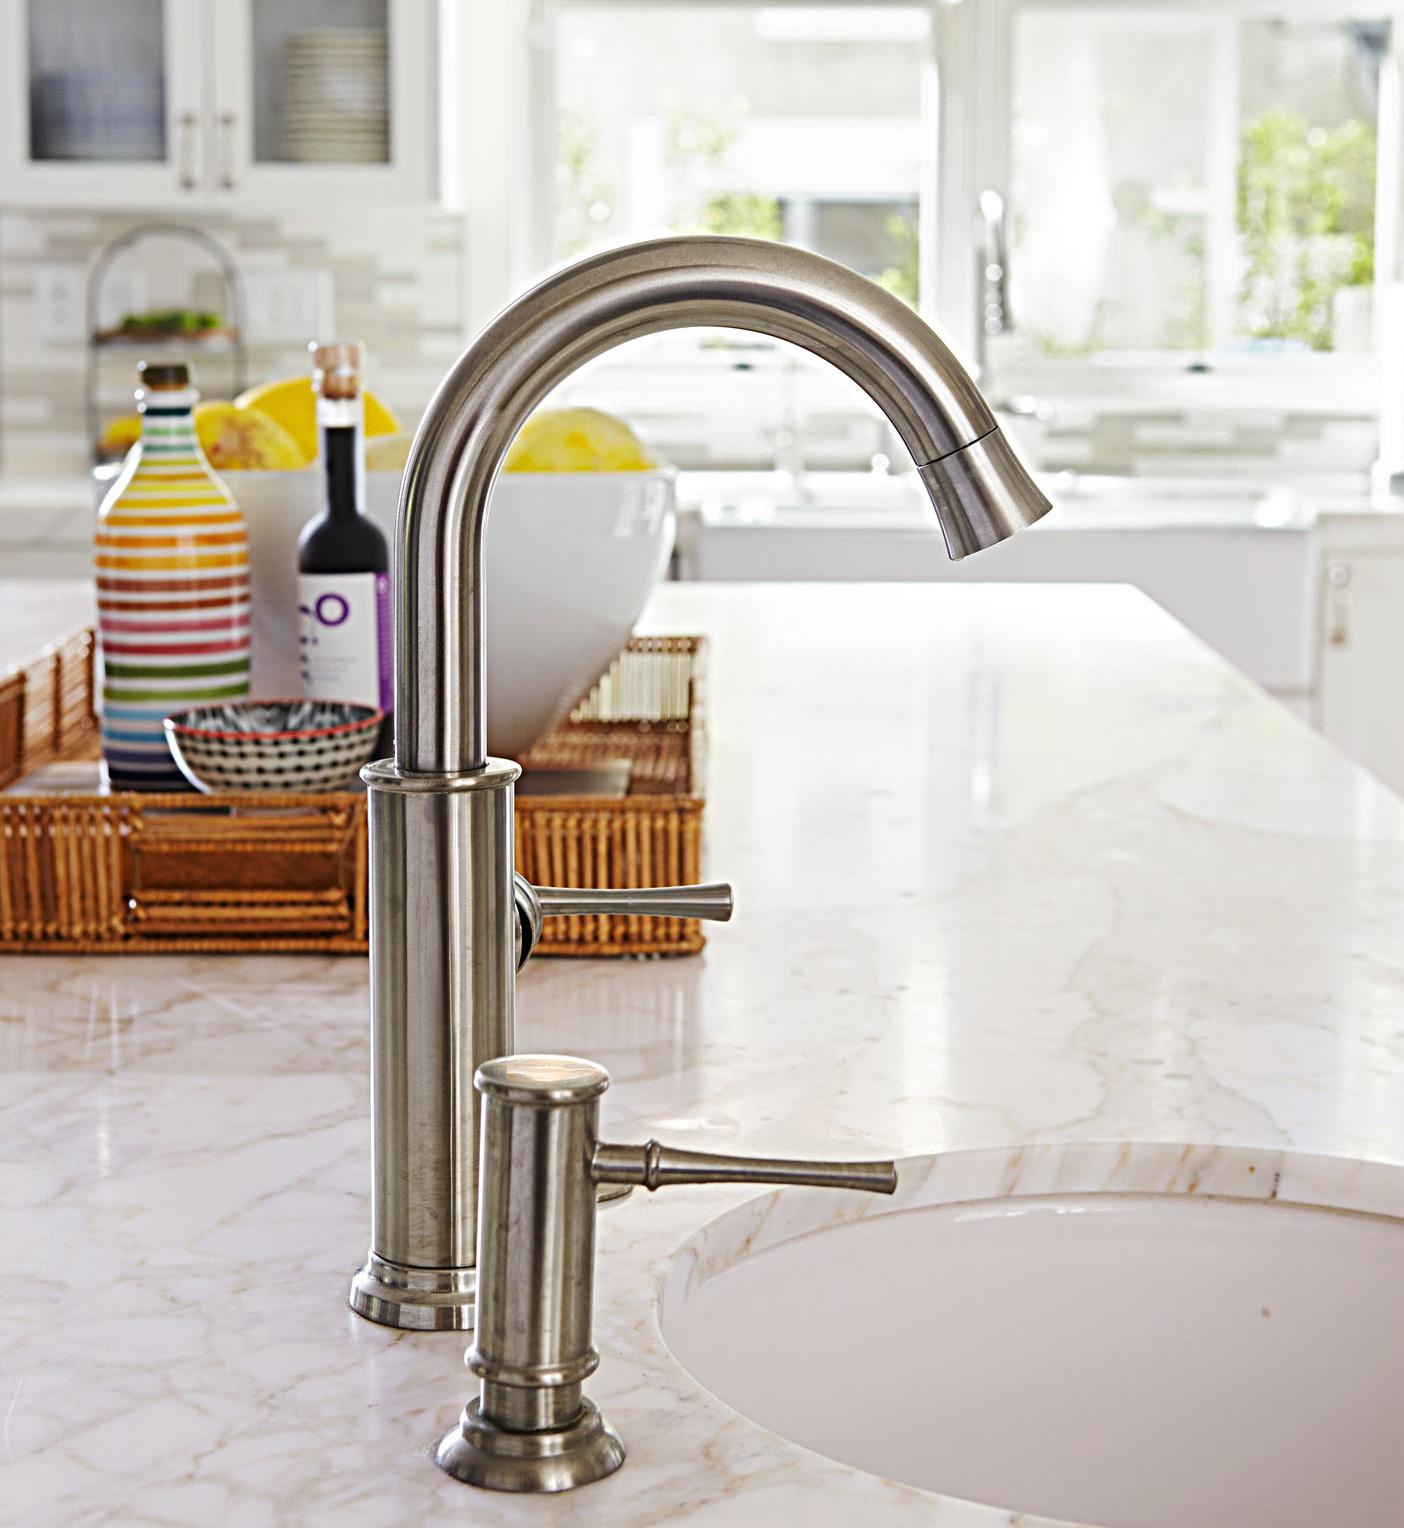 Kitchen sink cleaning